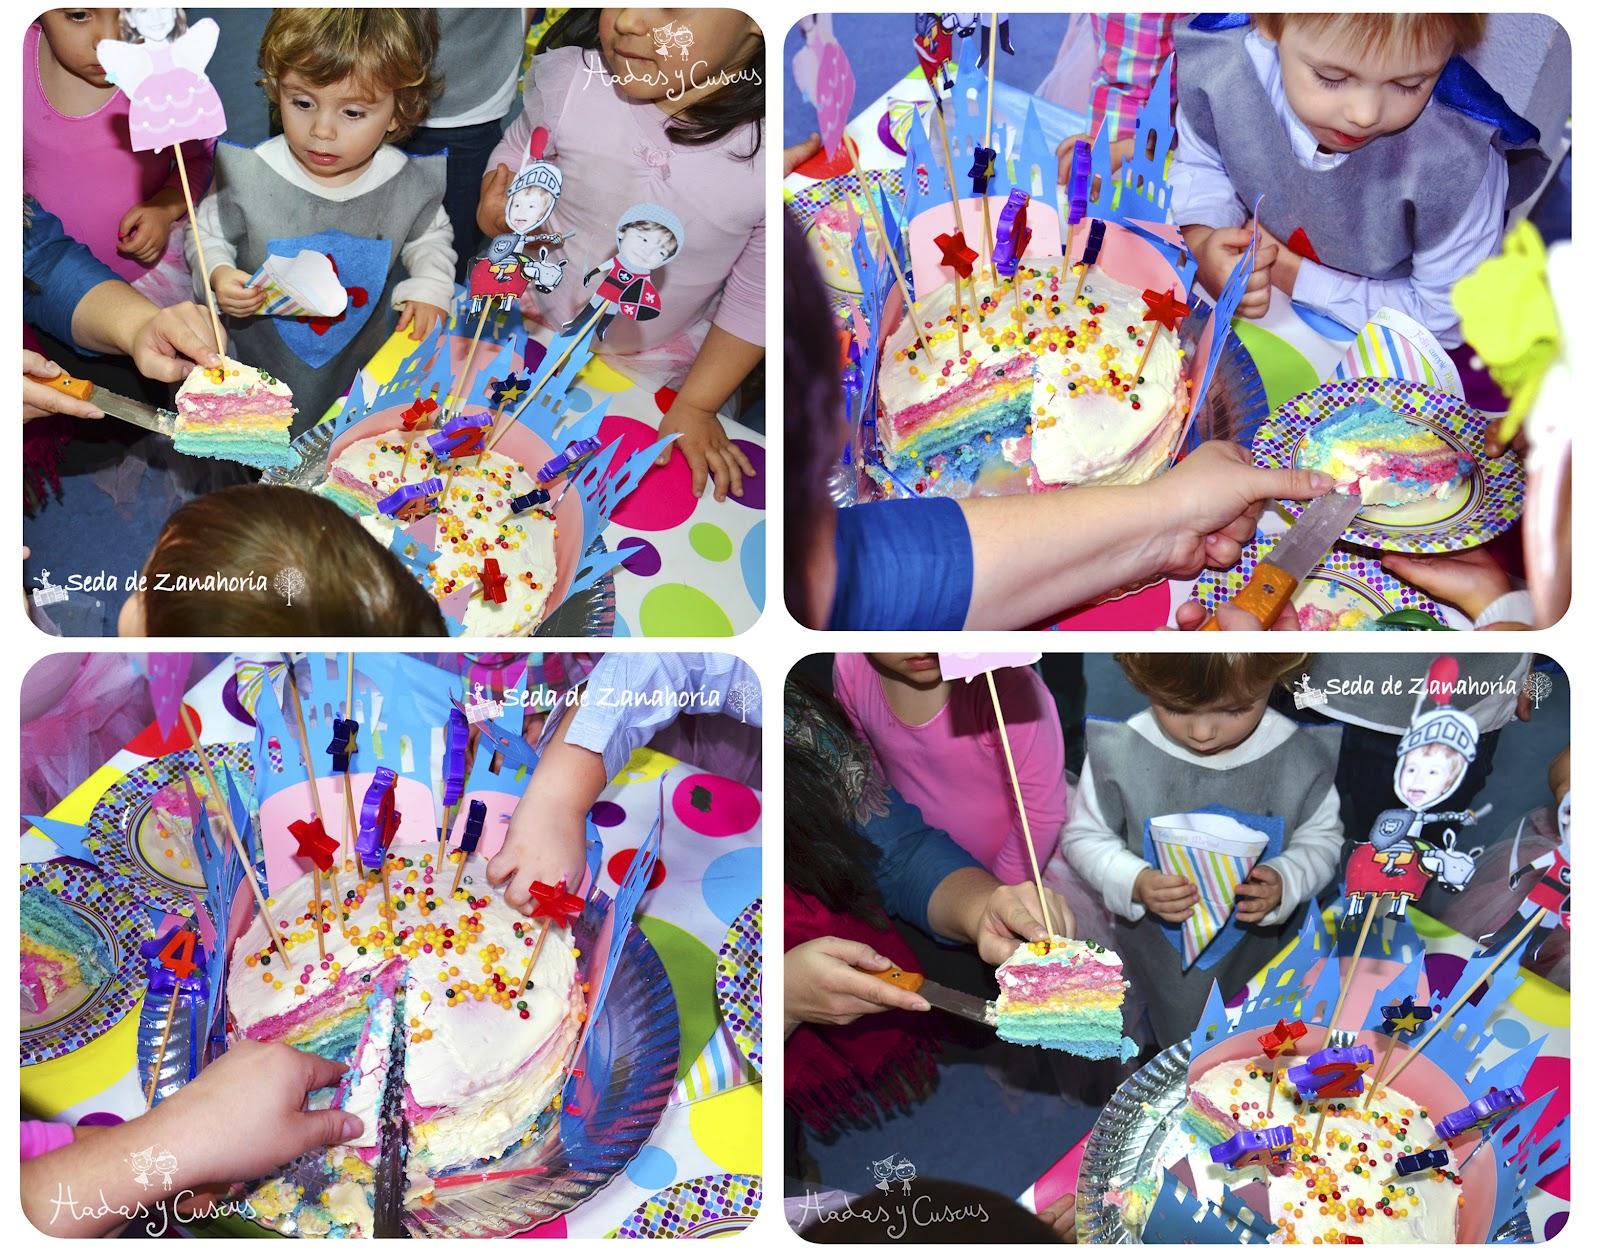 Rainbow Cake Les Etage Tombe Comment Le Faire Tenir